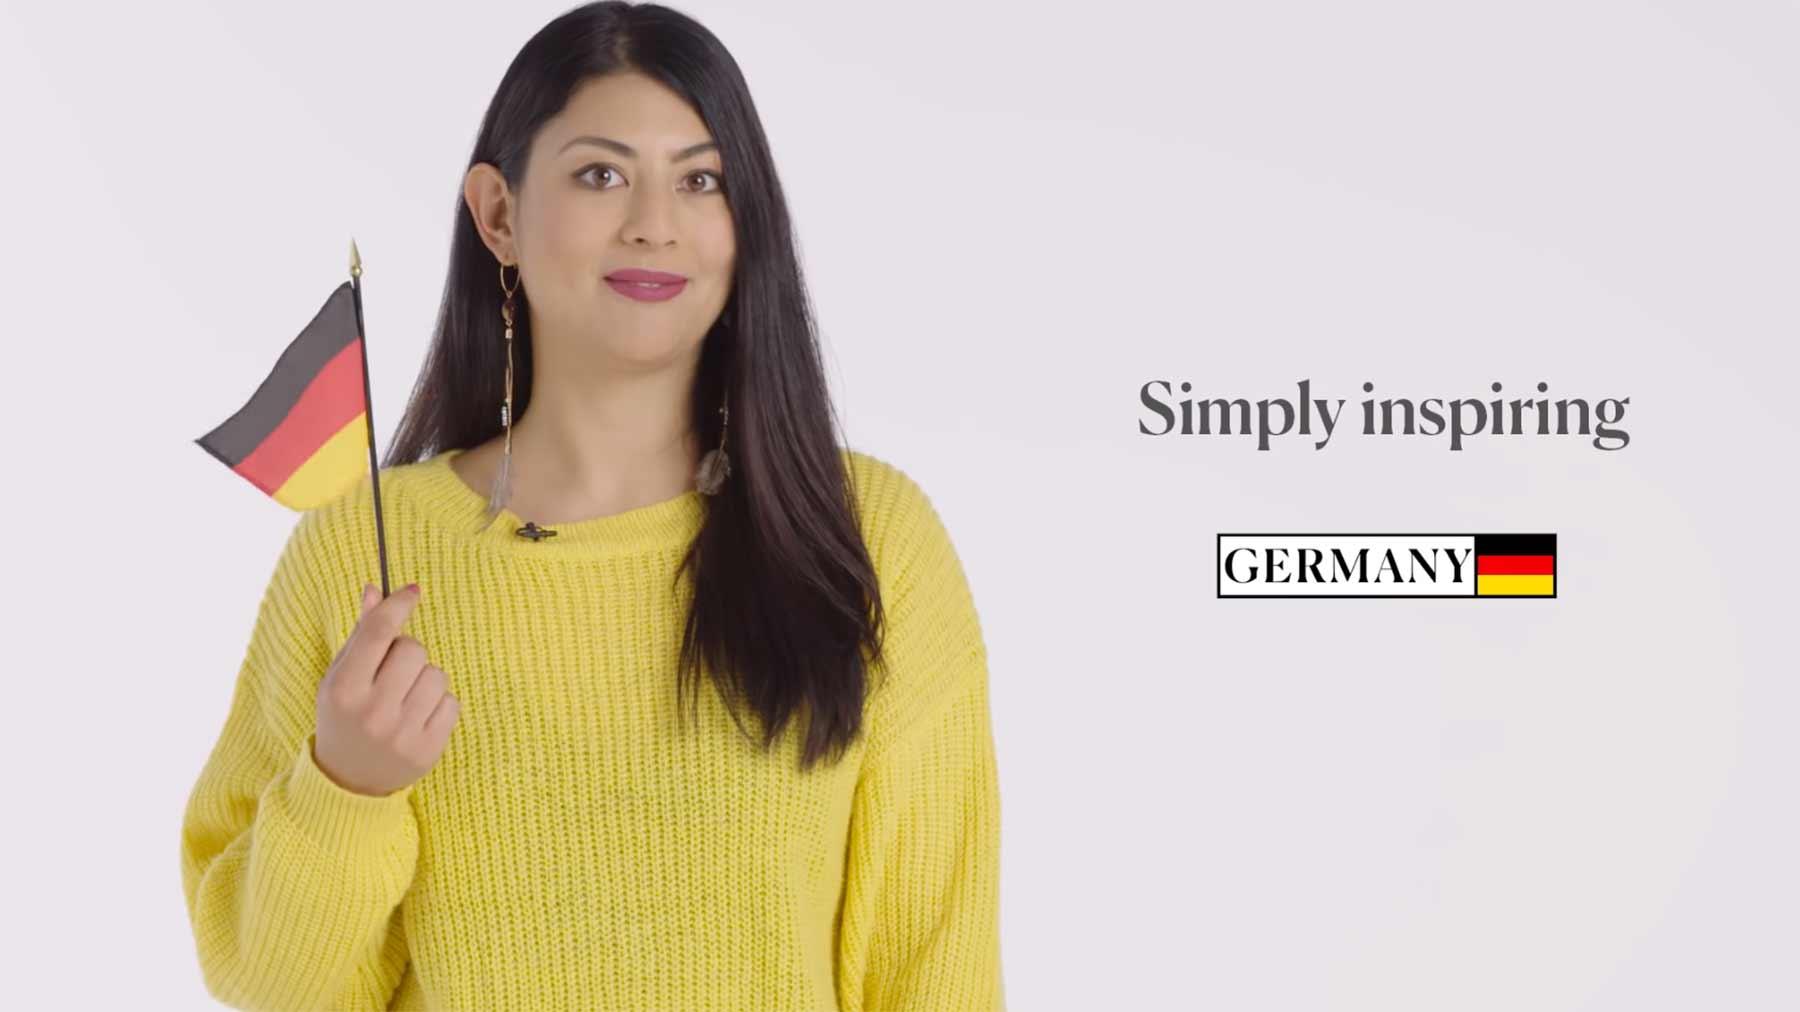 Leute aus 70 Ländern rezitieren den Tourismus-Slogan ihrer Heimat internationale-tourismus-slogans